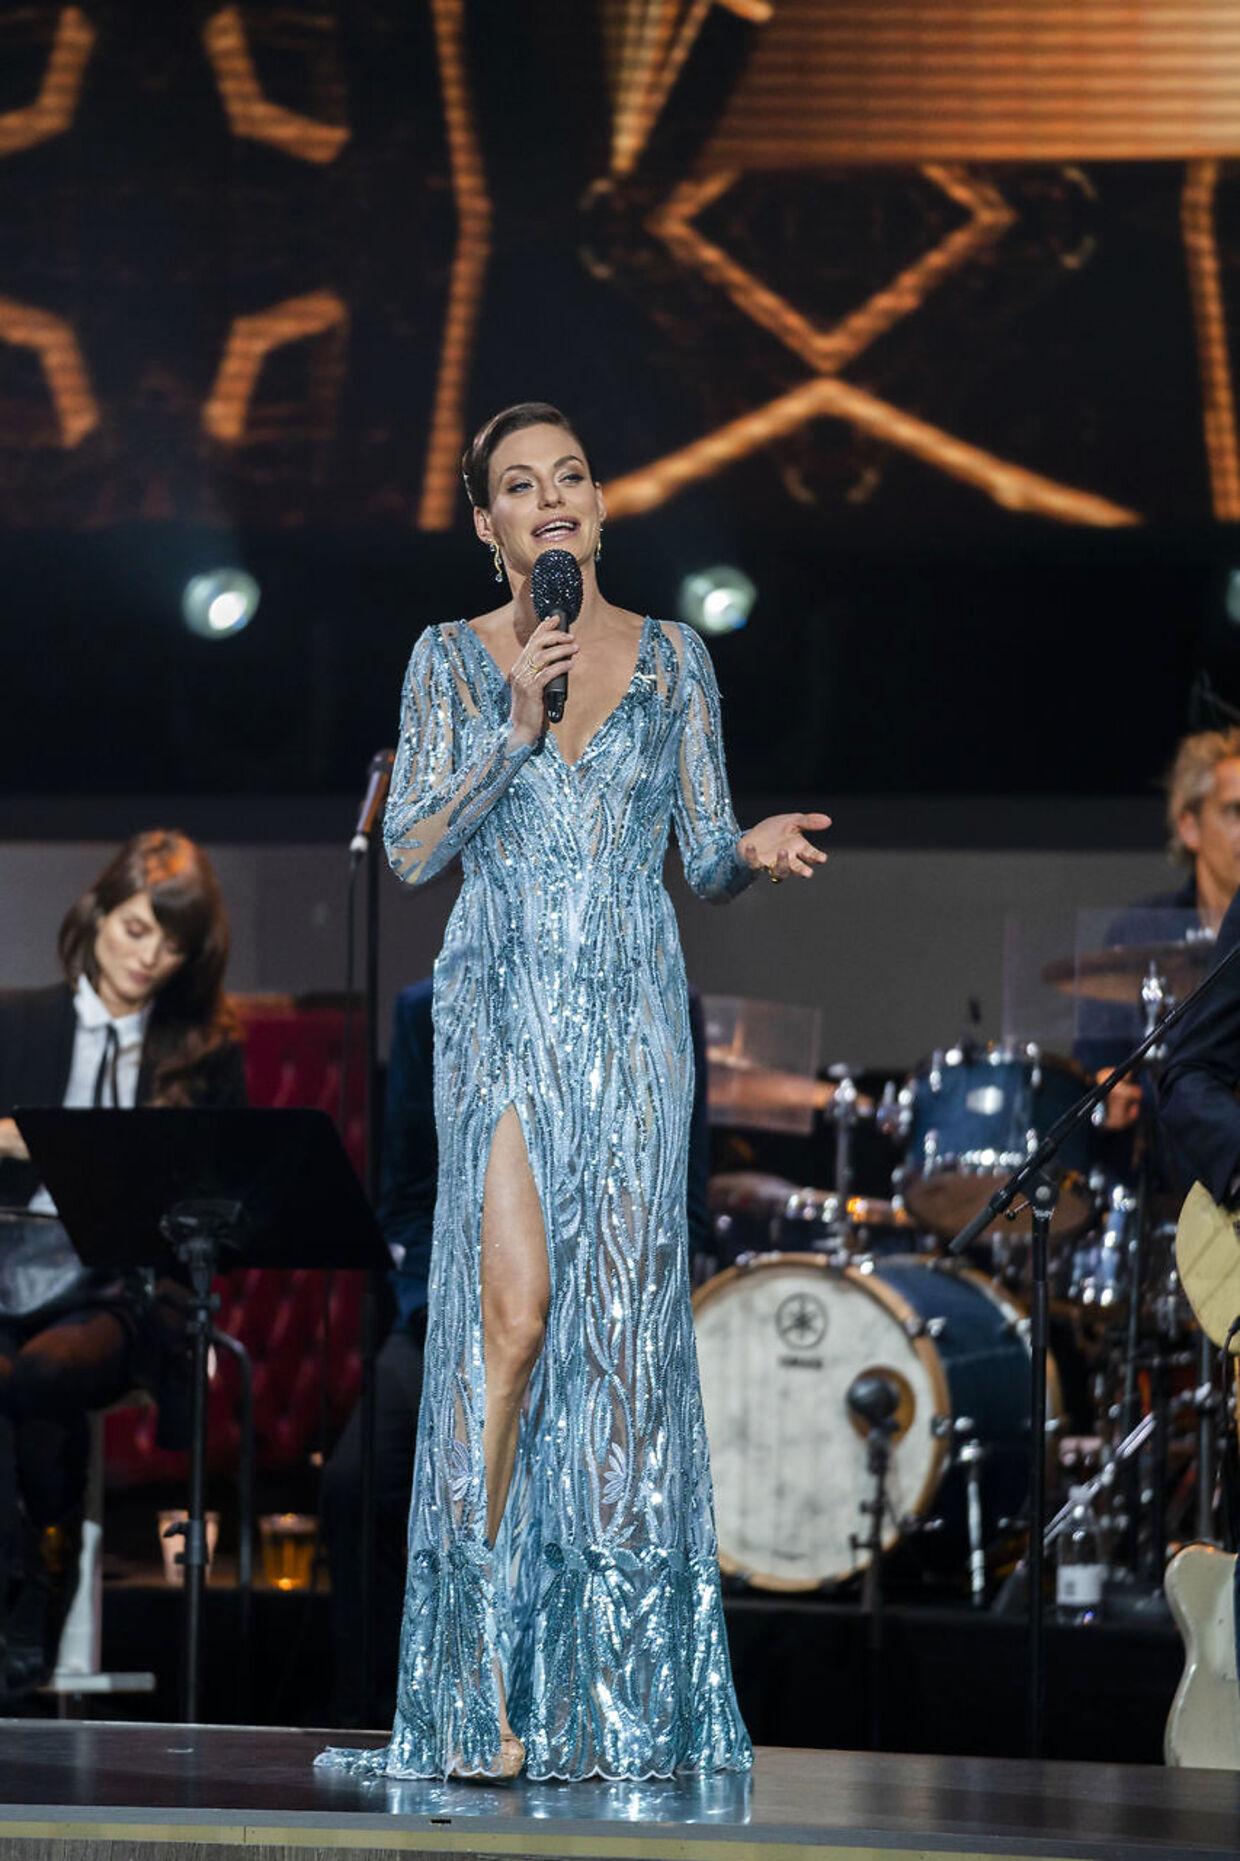 sendxnet. Sarah Grünewald. 'Vild med dans' program 9, sæson 16 på TV2, fredag den 8. november 2019. (foto: Martin Sylvest/Ritzau Scanpix 2019)